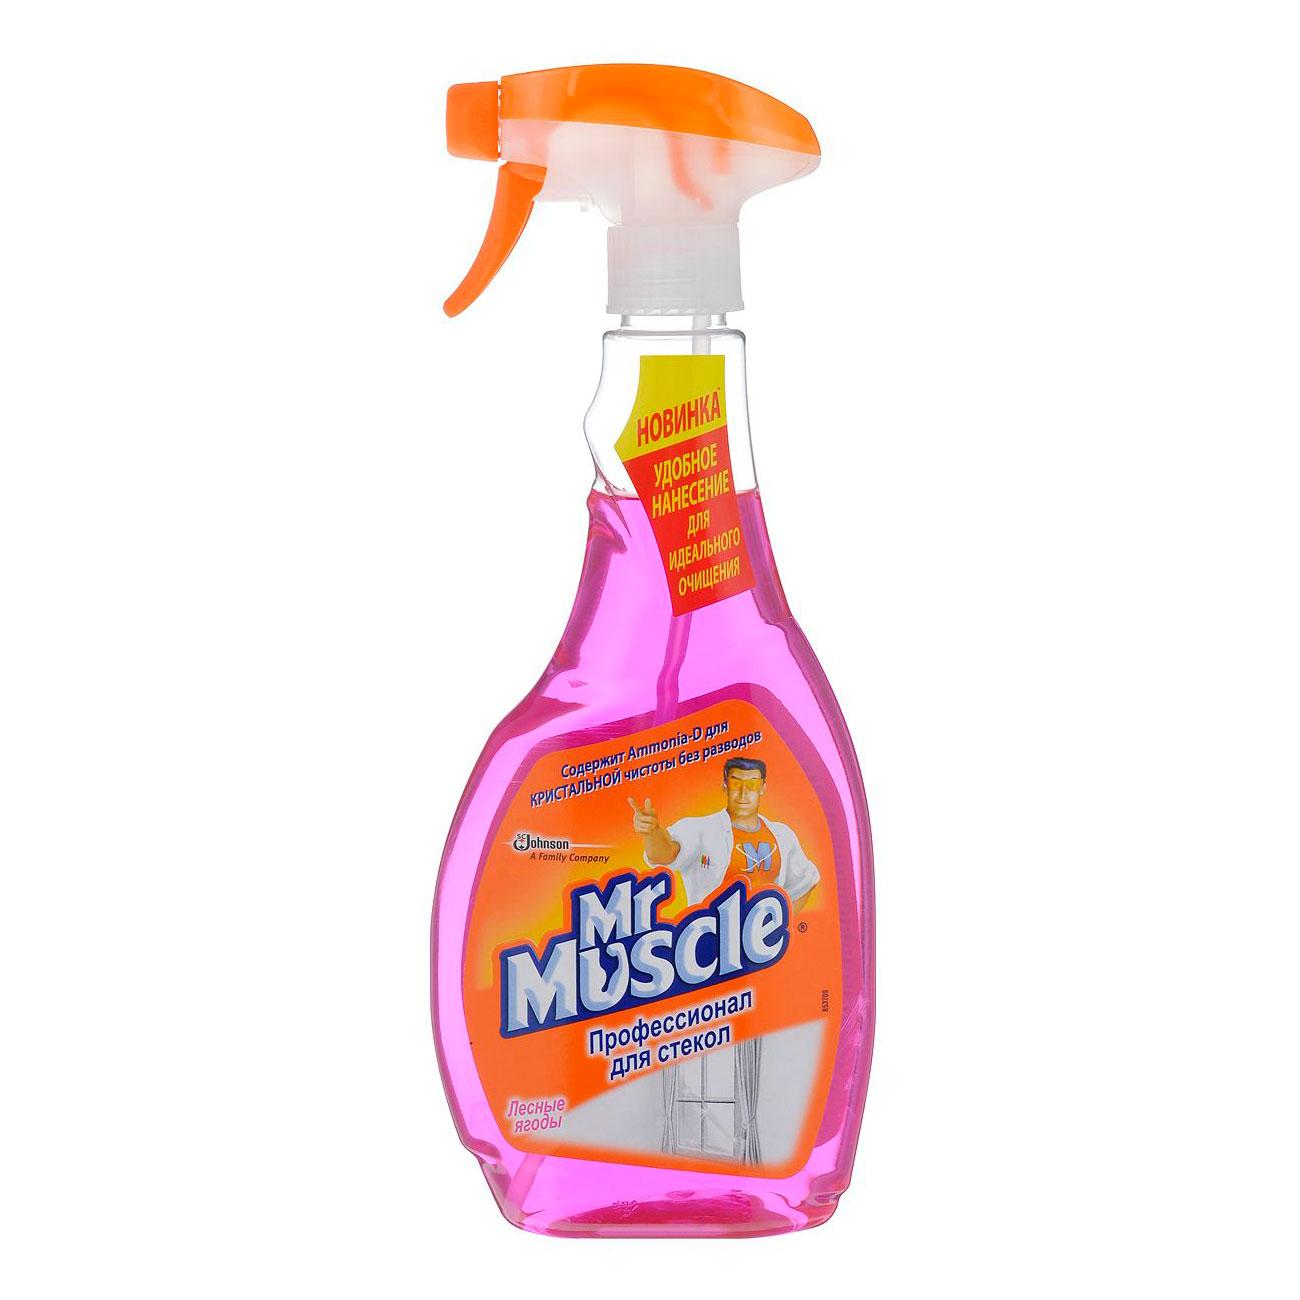 «Мистер Мускул» — средство для стекол. Цена — около 200 рублей